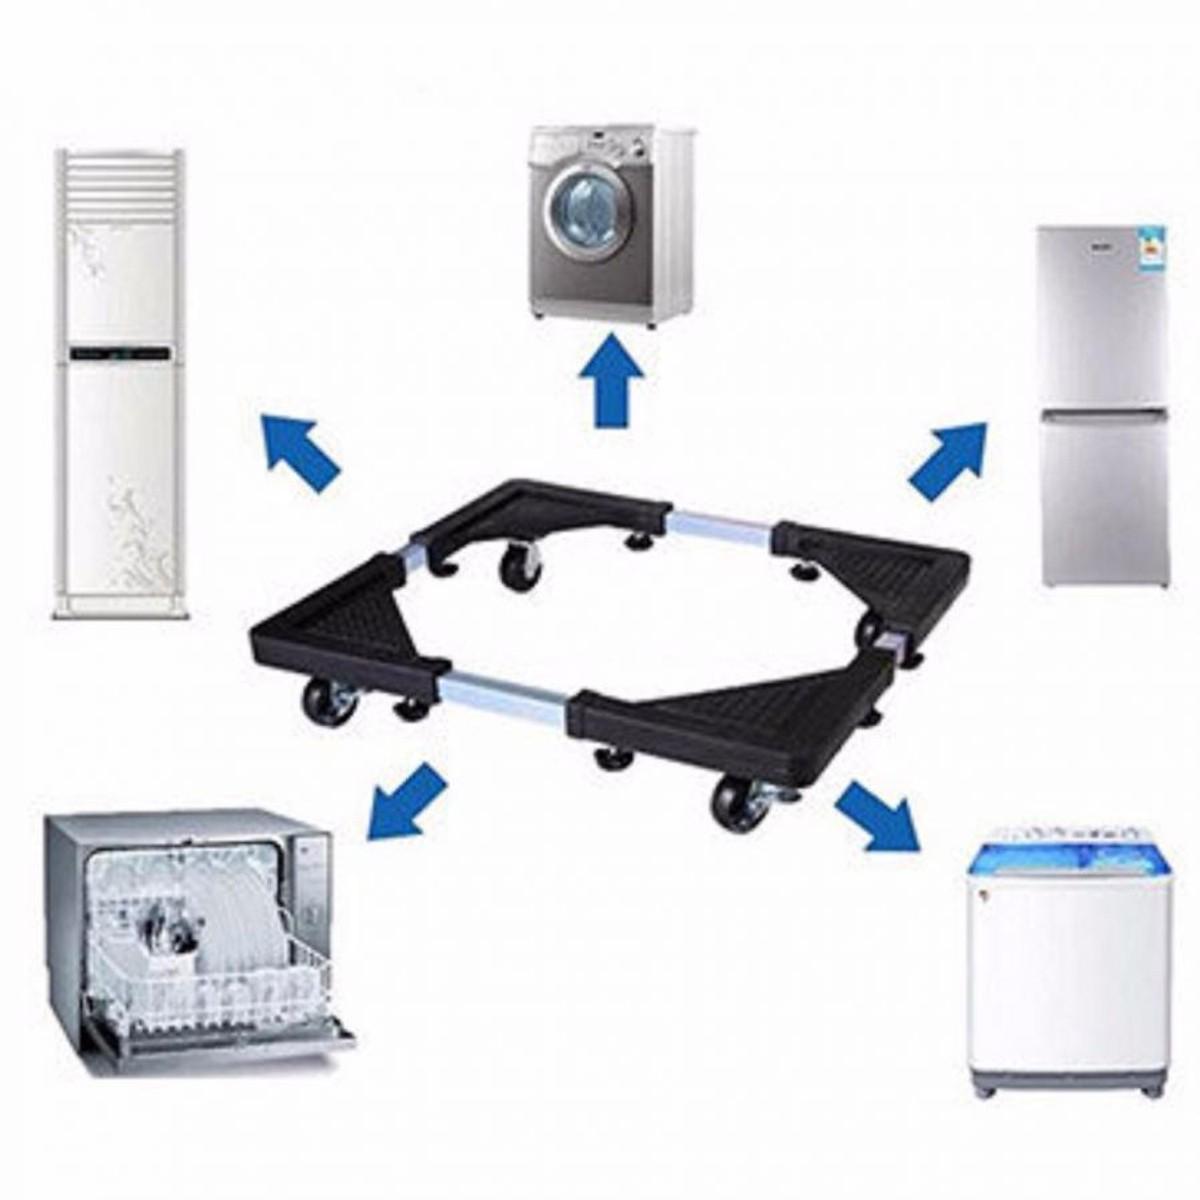 Kệ máy giặt, tủ lạnh thông minh,đa năng điều chỉnh được kích thước - Kệ chân  tủ lạnh máy giặt - chân kê tủ lạnh đa năng   Tiki